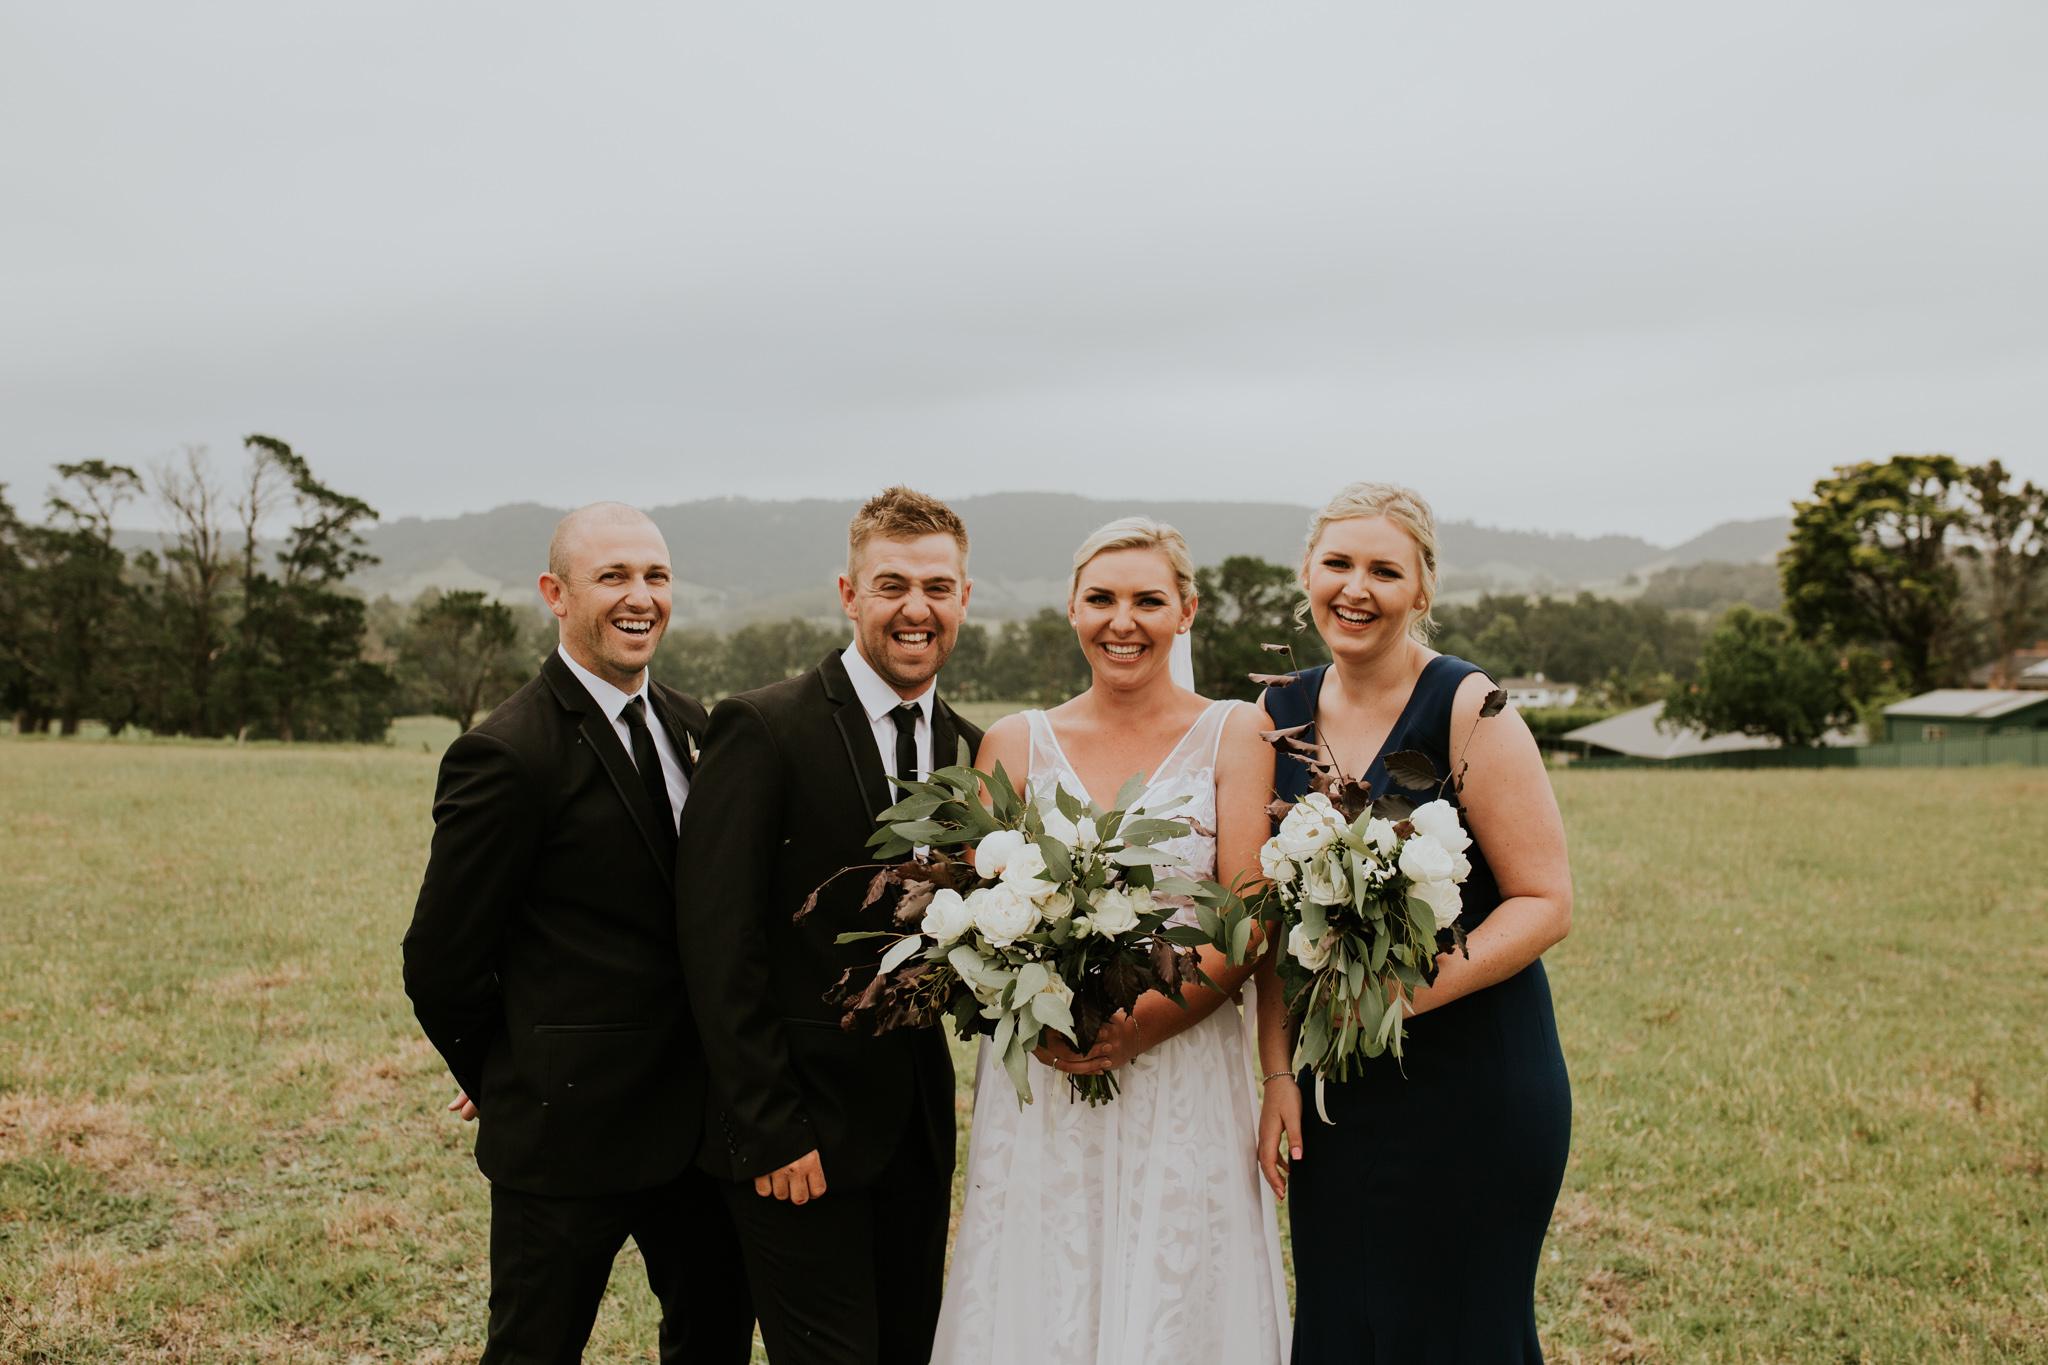 Lucy+Kyle+Kiama+Sebel+wedding-102.jpg